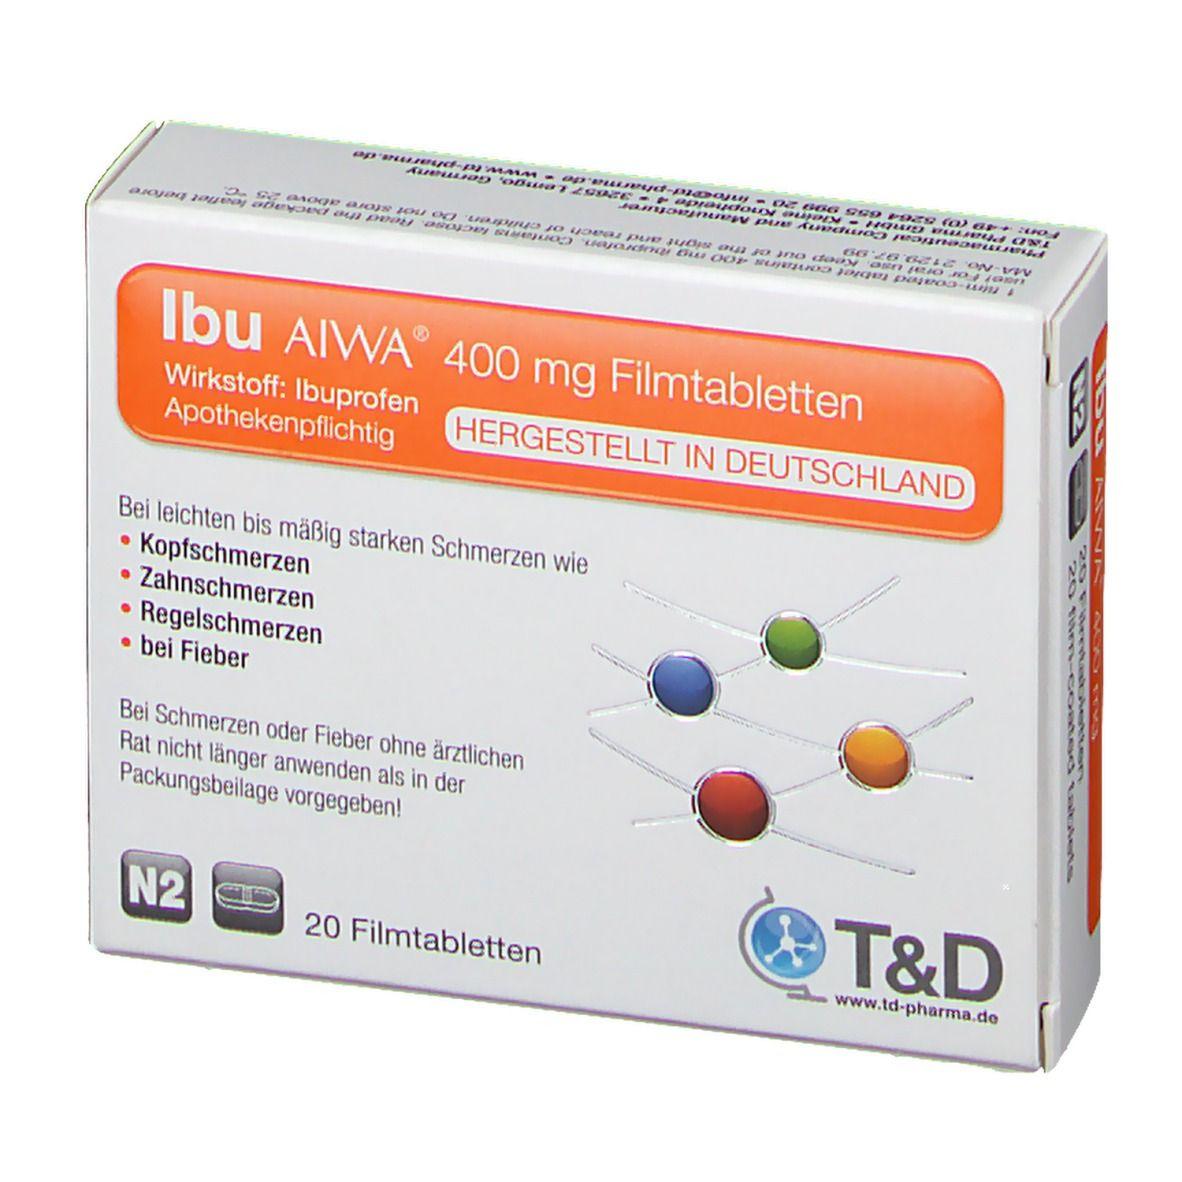 Ibu AIWA® 400 mg